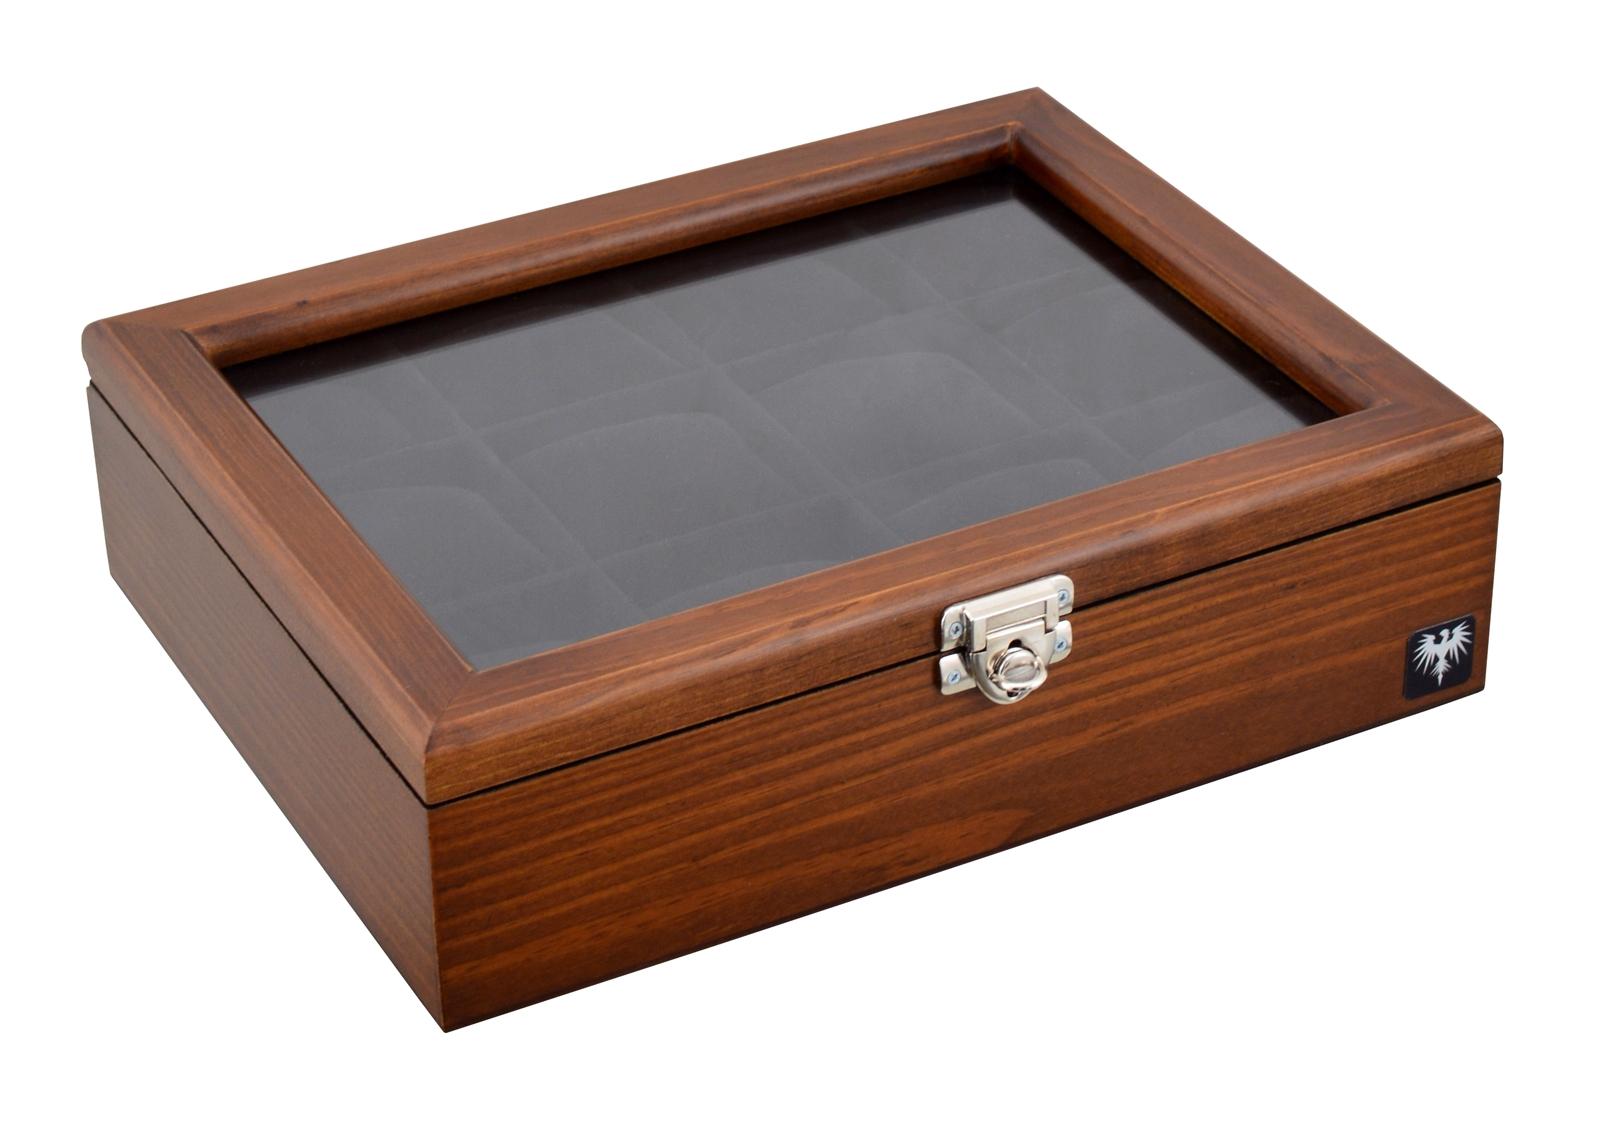 estojo-porta-relogio-12-nichos-madeira-macica-tabaco-preto-imagem-8.JPG